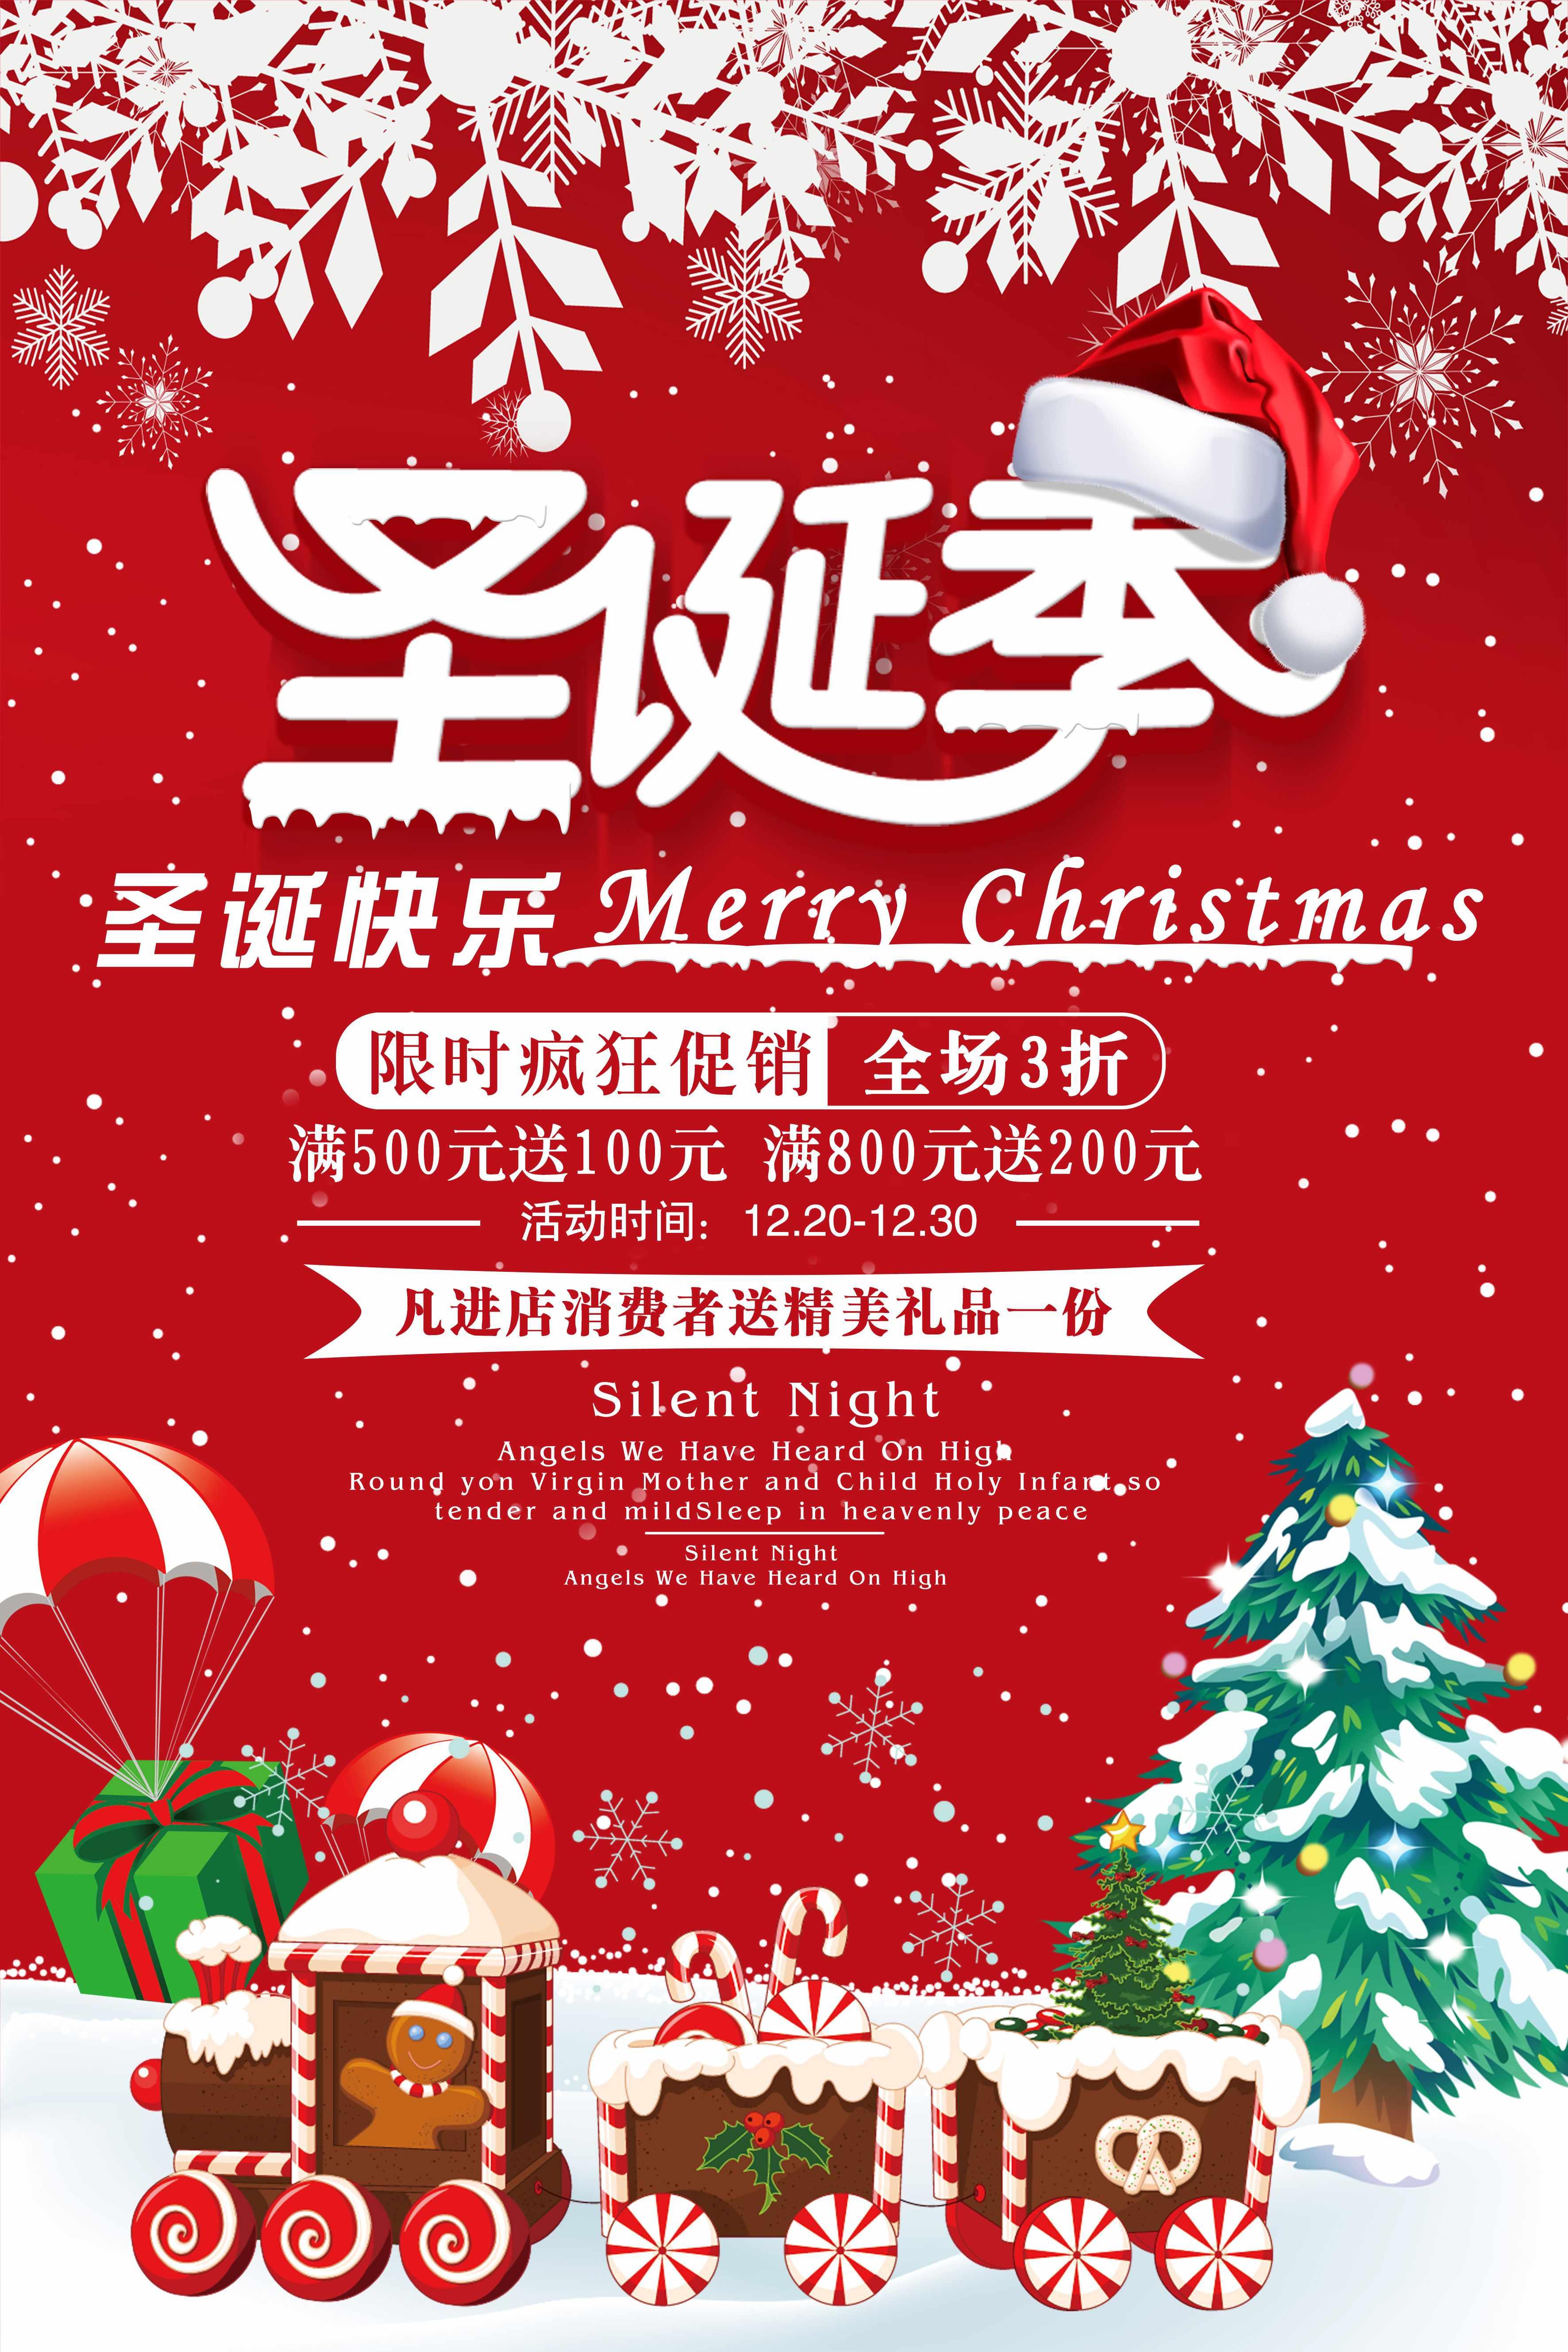 圣诞快乐红色记忆雪花圣诞节海报